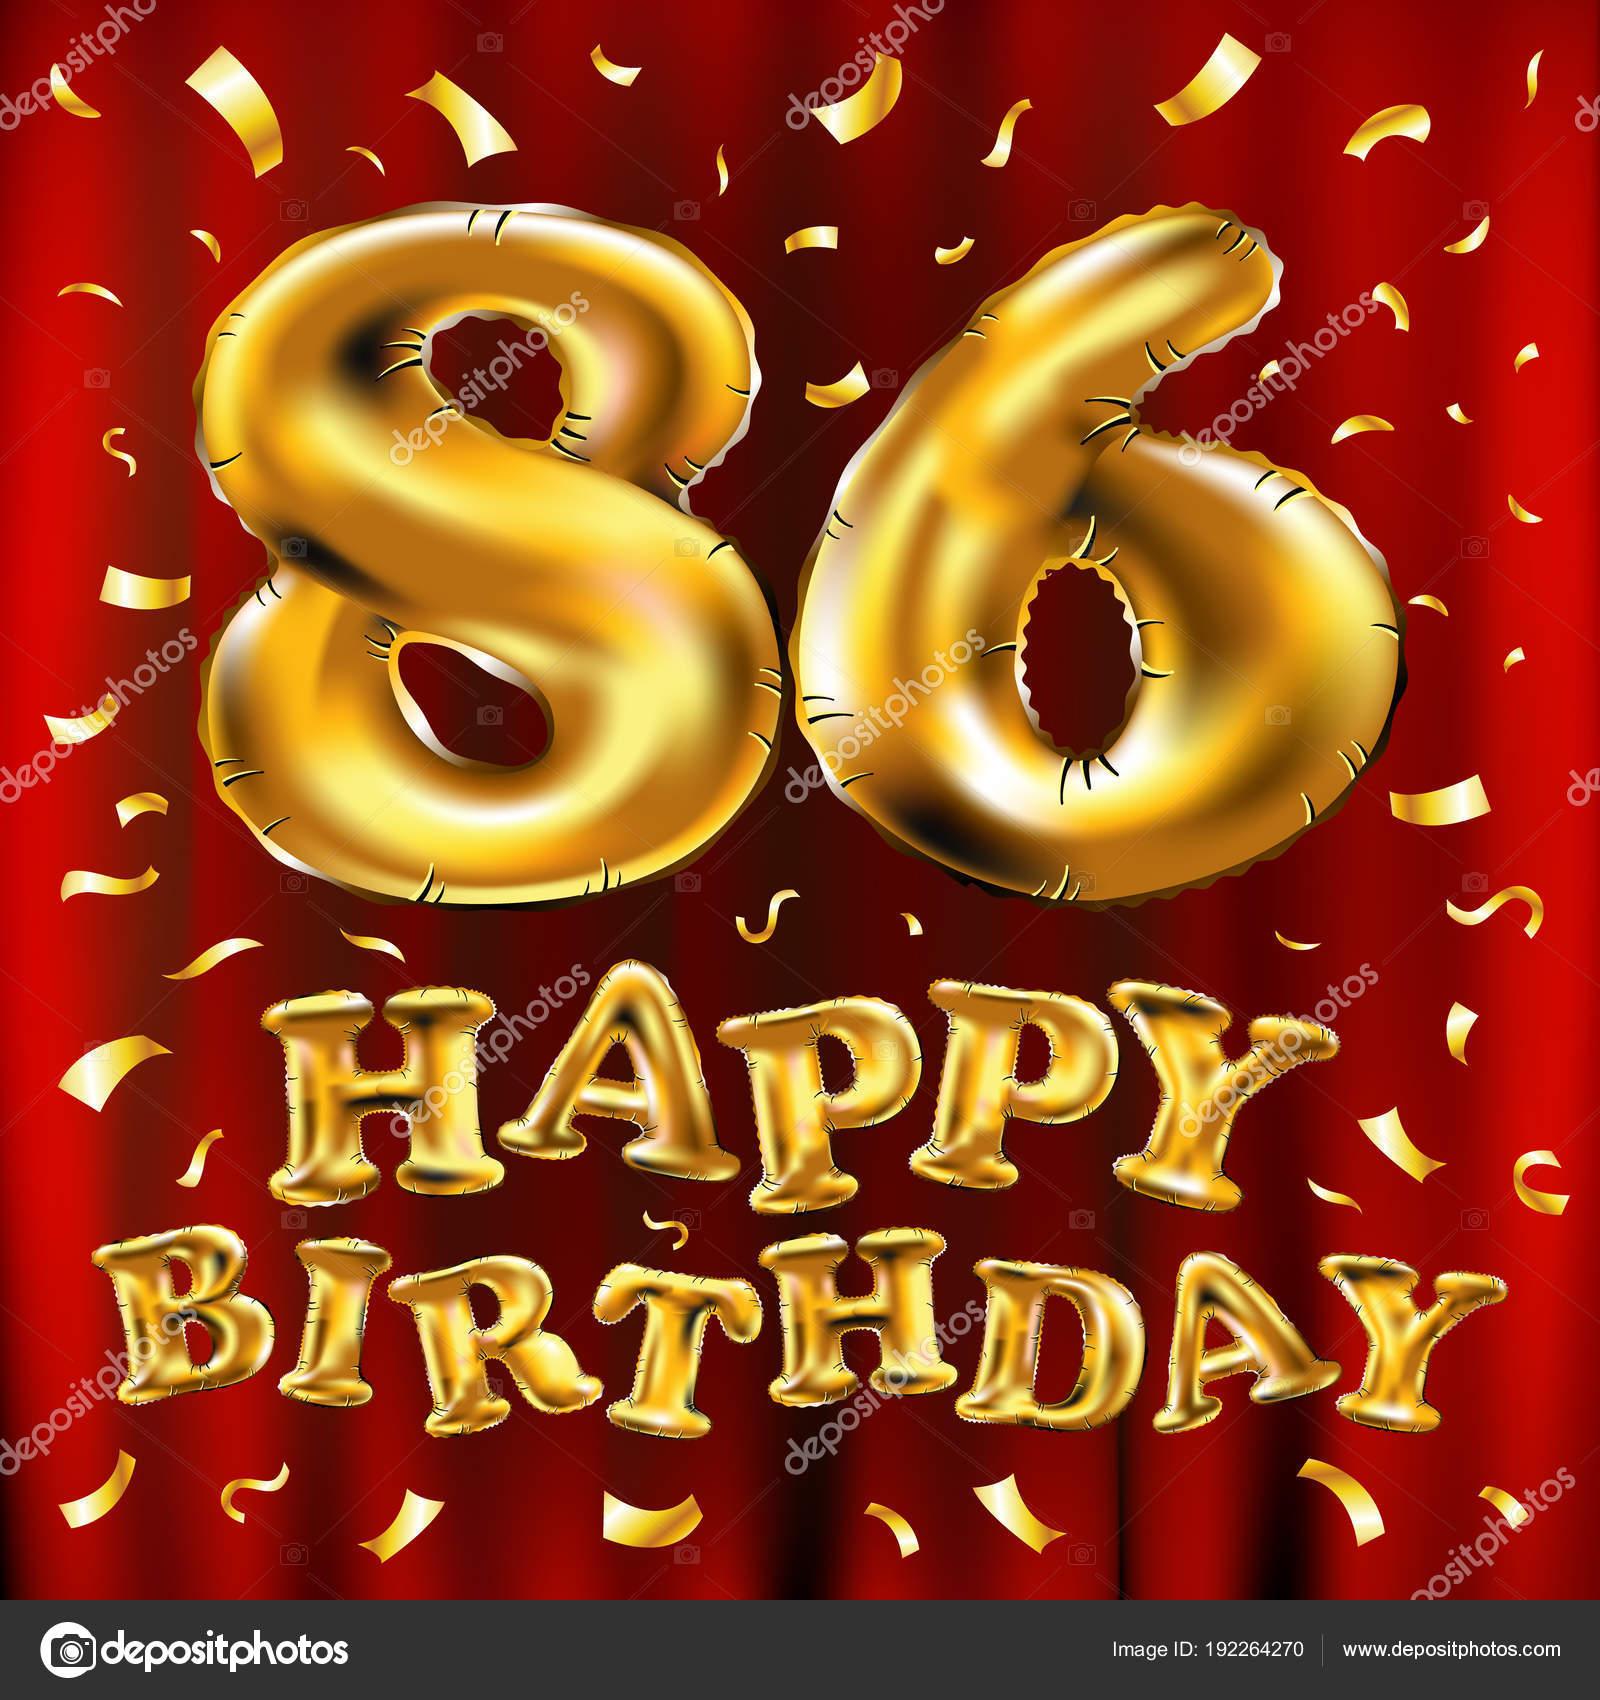 86 лет с днем рождения открытки с днем рождения